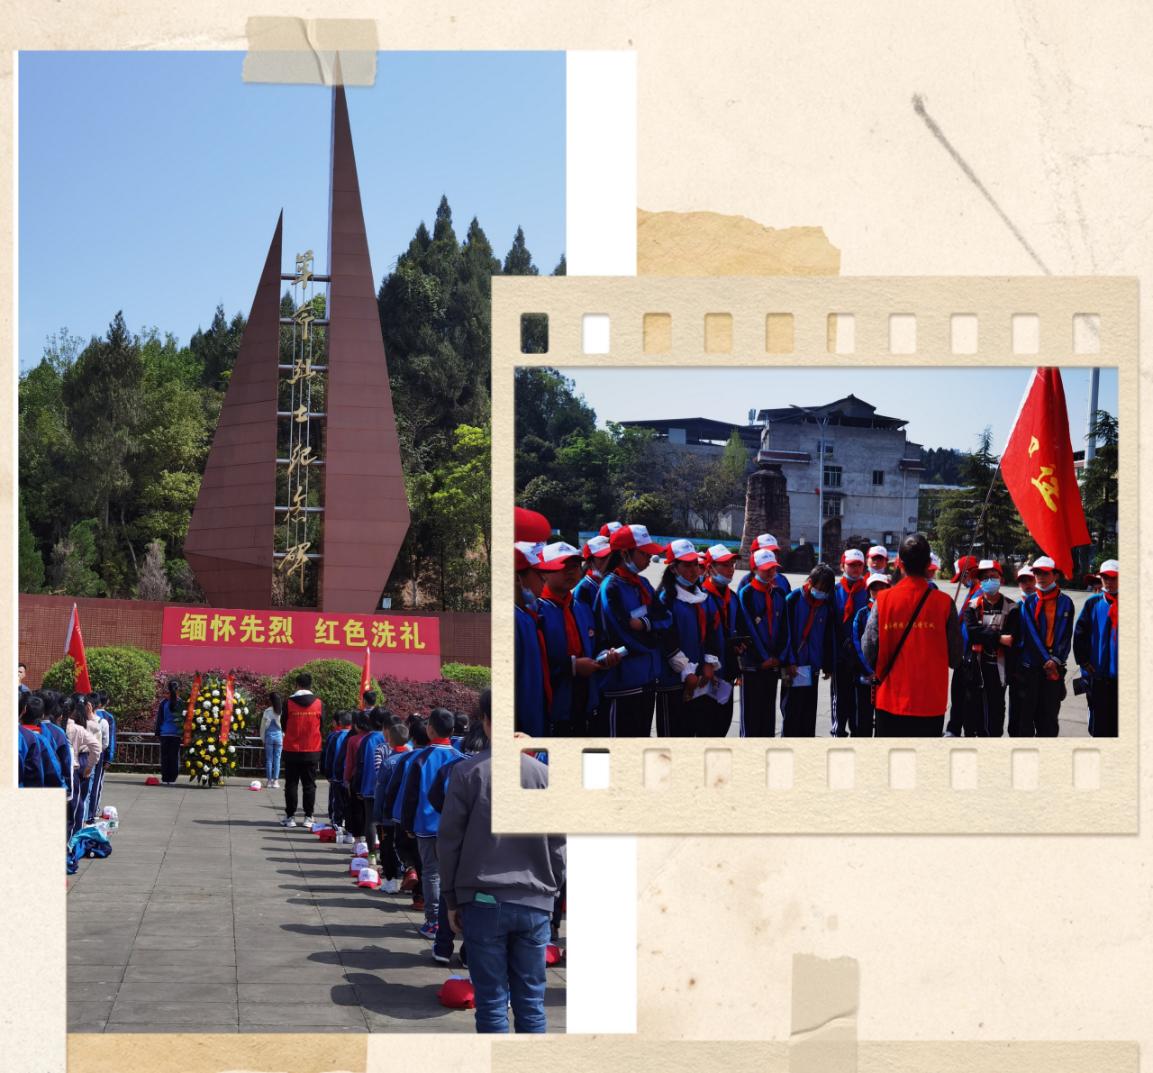 探秘中华文化,重温红军精神——南充市高坪区胜观中小学举行研学活动